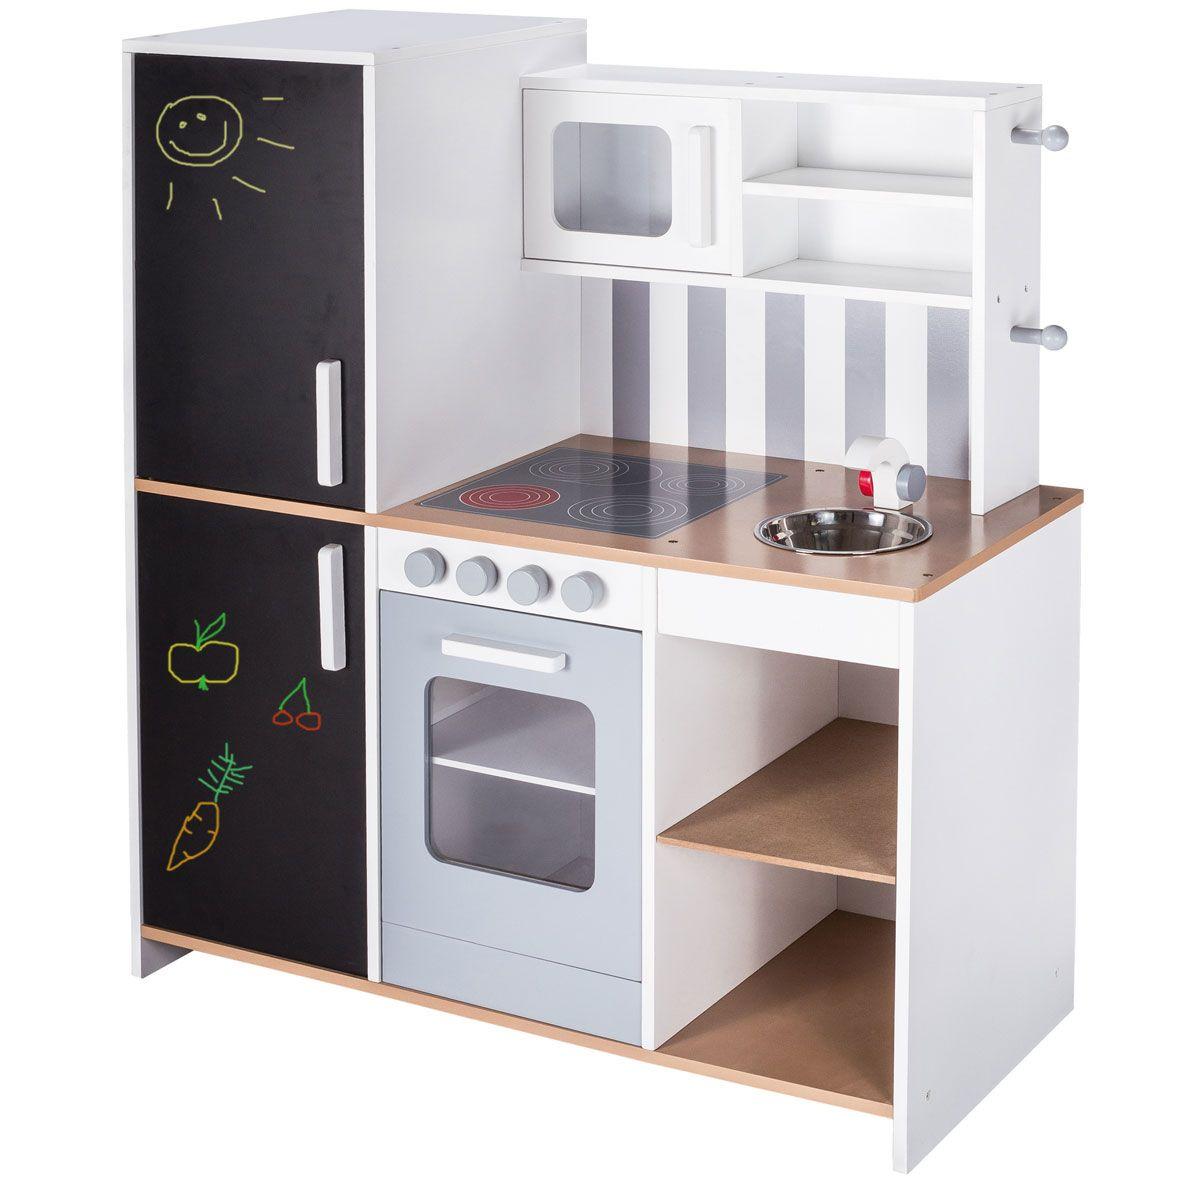 Full Size of Kreidetafel Ikea Roba Kinderkche Cuisine Enfant Modulküche Küche Kosten Miniküche Betten Bei Sofa Mit Schlaffunktion Kaufen 160x200 Wohnzimmer Kreidetafel Ikea